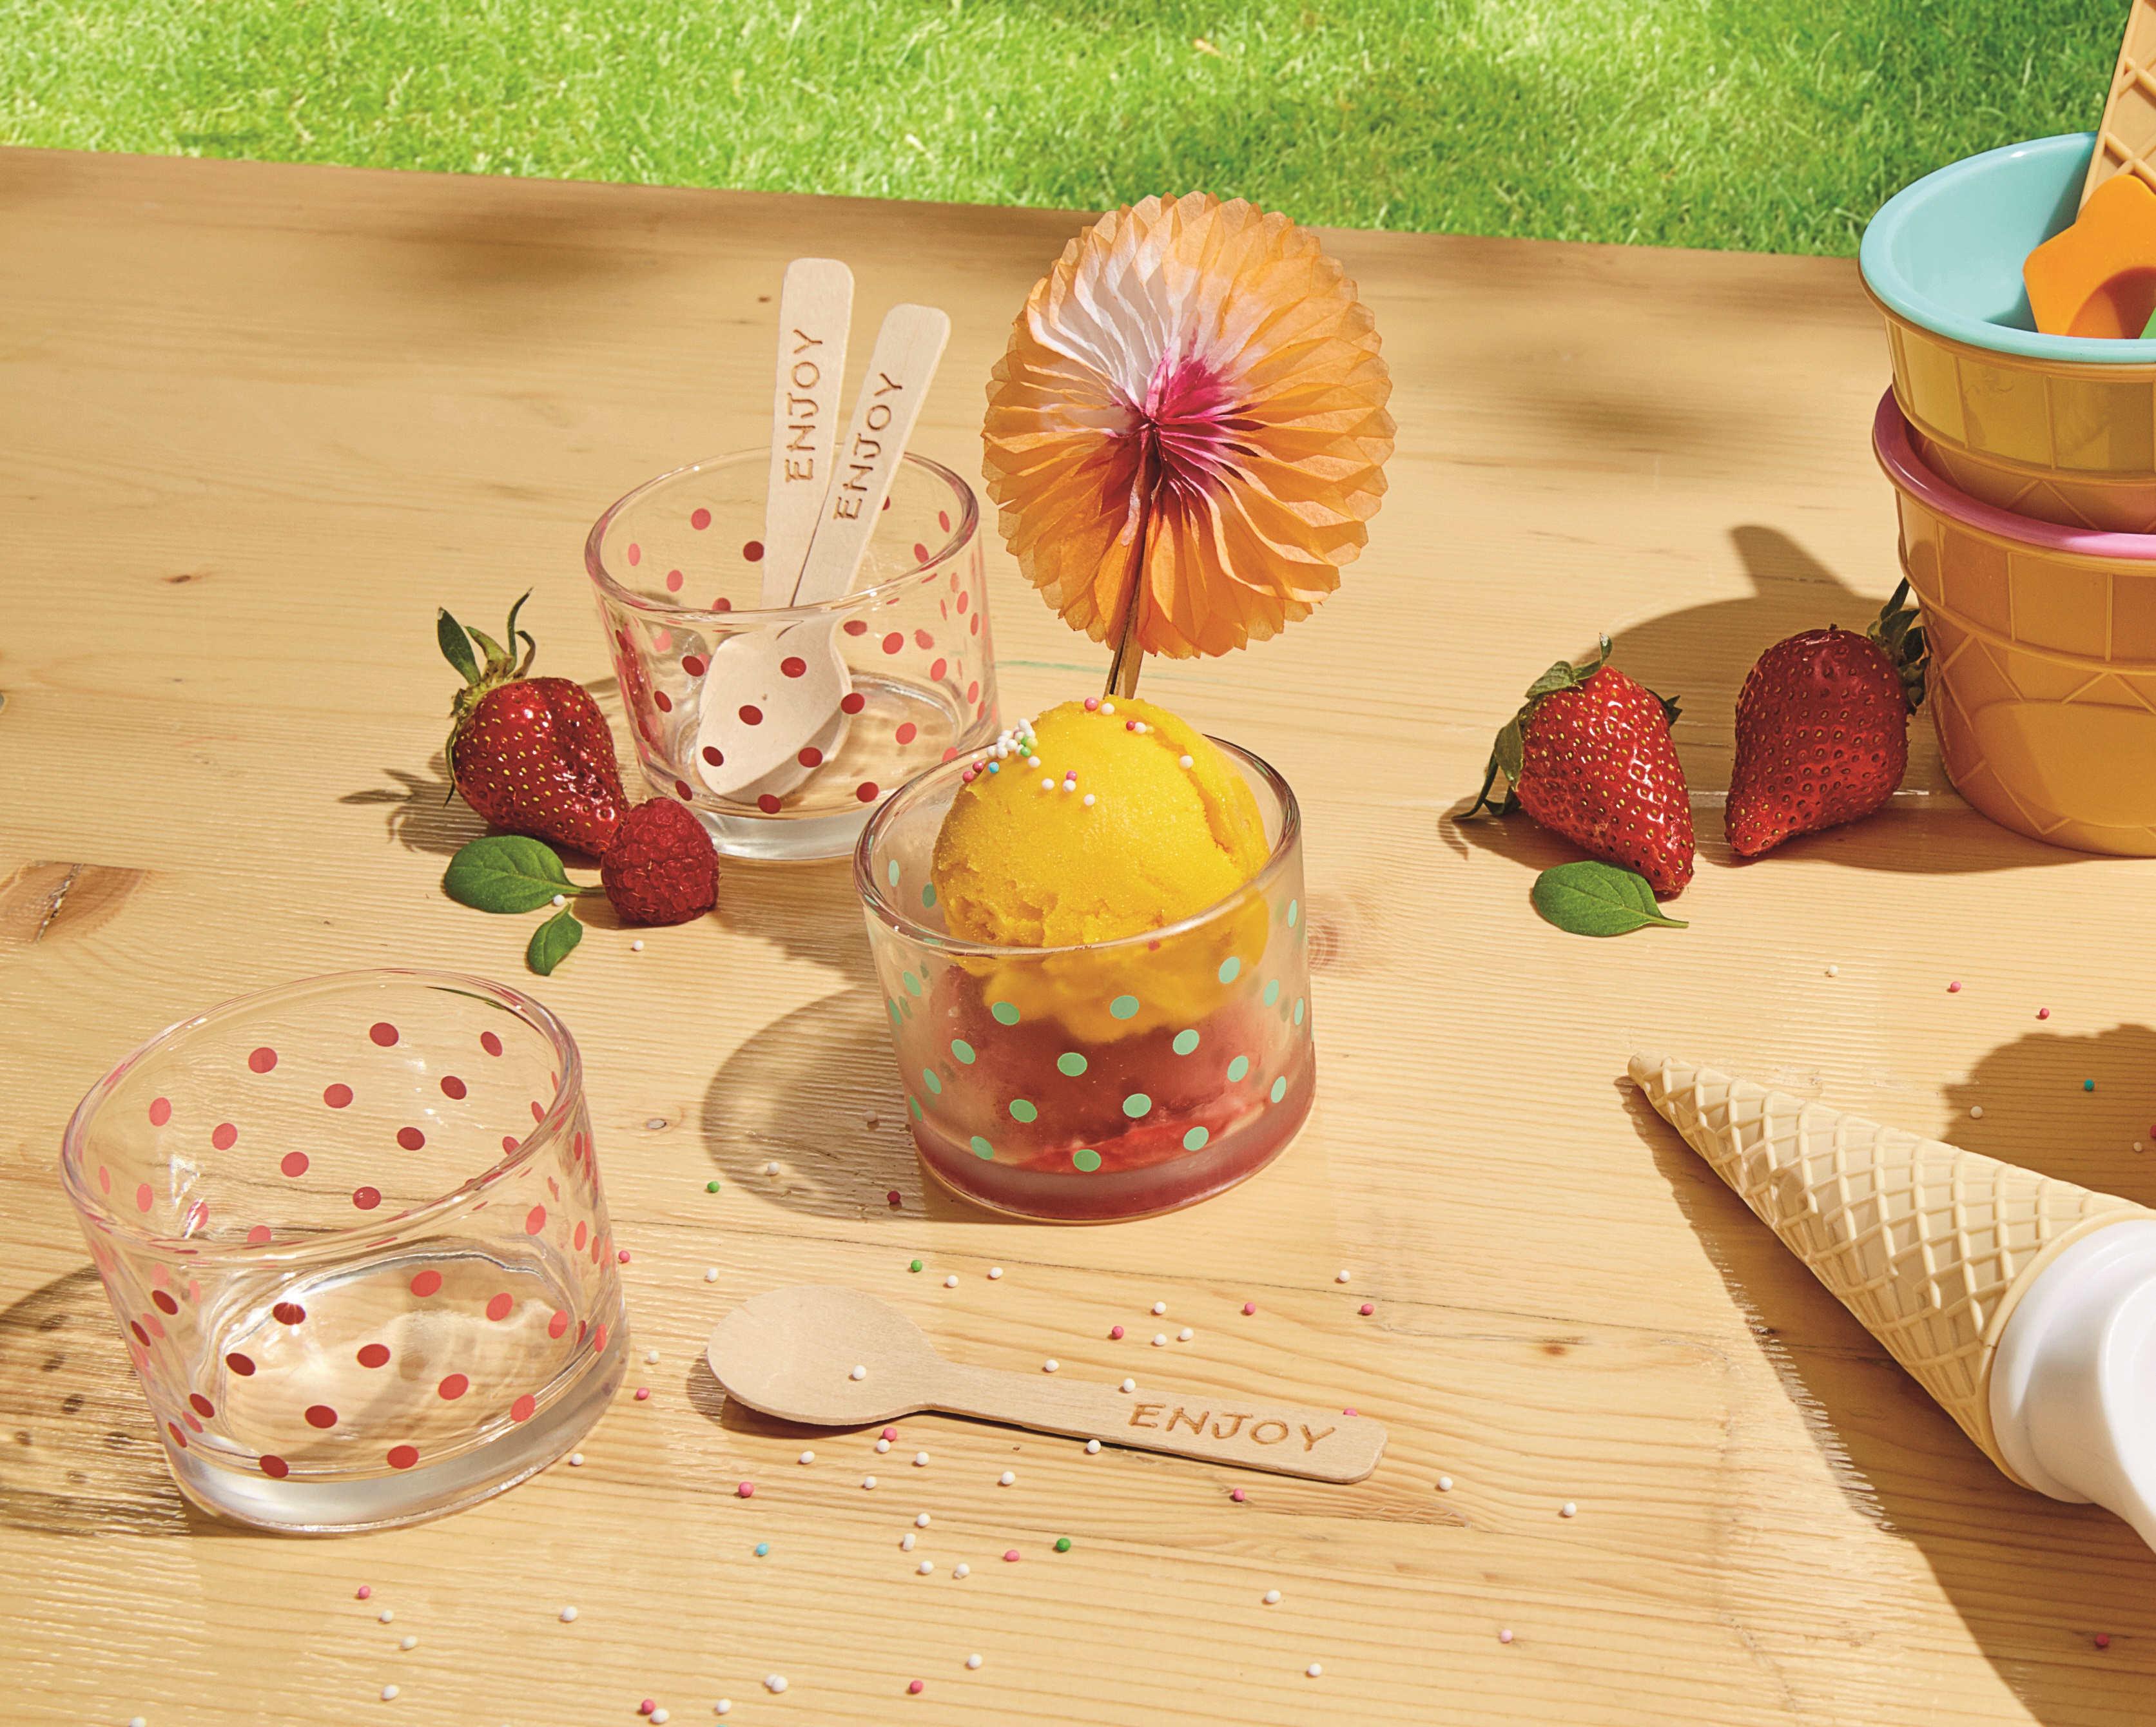 Découvrez comment préparer des sorbets rafraîchissants - Blog La Foir'Fouille - On adore